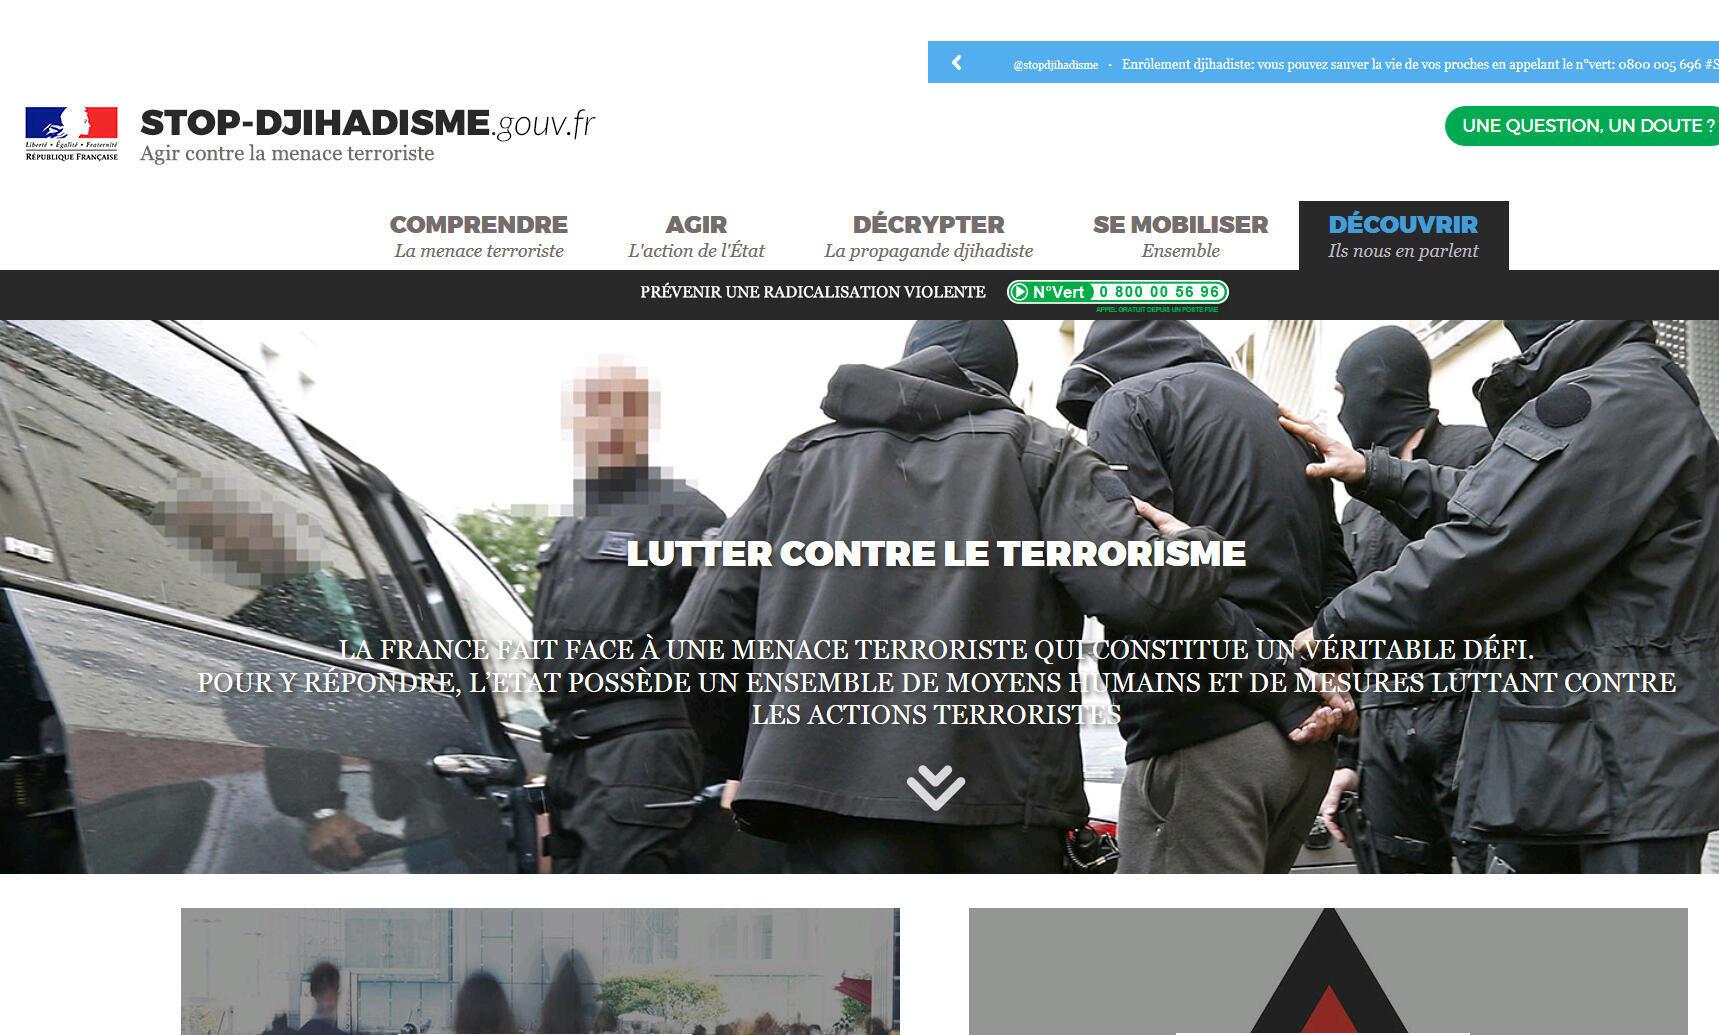 La page d'accueil du site stop-djihadisme.gouv.fr